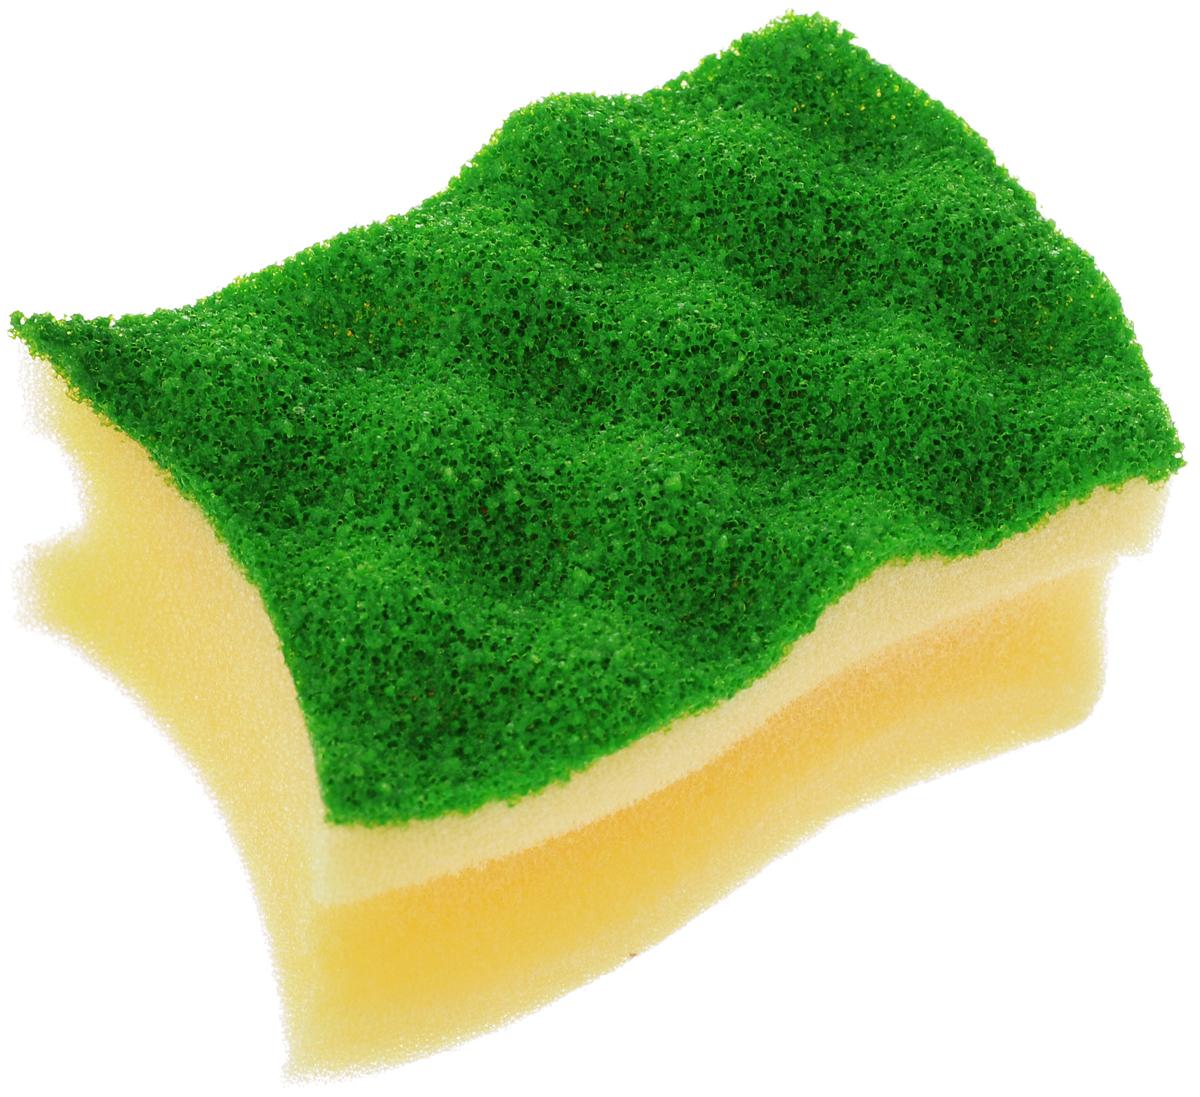 Губка для мытья посуды Vileda Pure Colors, цвет: желтый, зеленый, 9,5 х 6,2 х 4,7 см529037_желтый, зеленыйГубка для мытья посуды Vileda Pure Colors предназначена для очистки деликатных поверхностей. Удаляет даже трудные загрязнения, не царапая поверхность. Удобна в использовании за счет специальных пазов для пальцев. Губка с ярким дизайном станет украшением любой кухни и порадует хозяйку.Размер губки: 9,5 х 6,2 х 4,7 см.